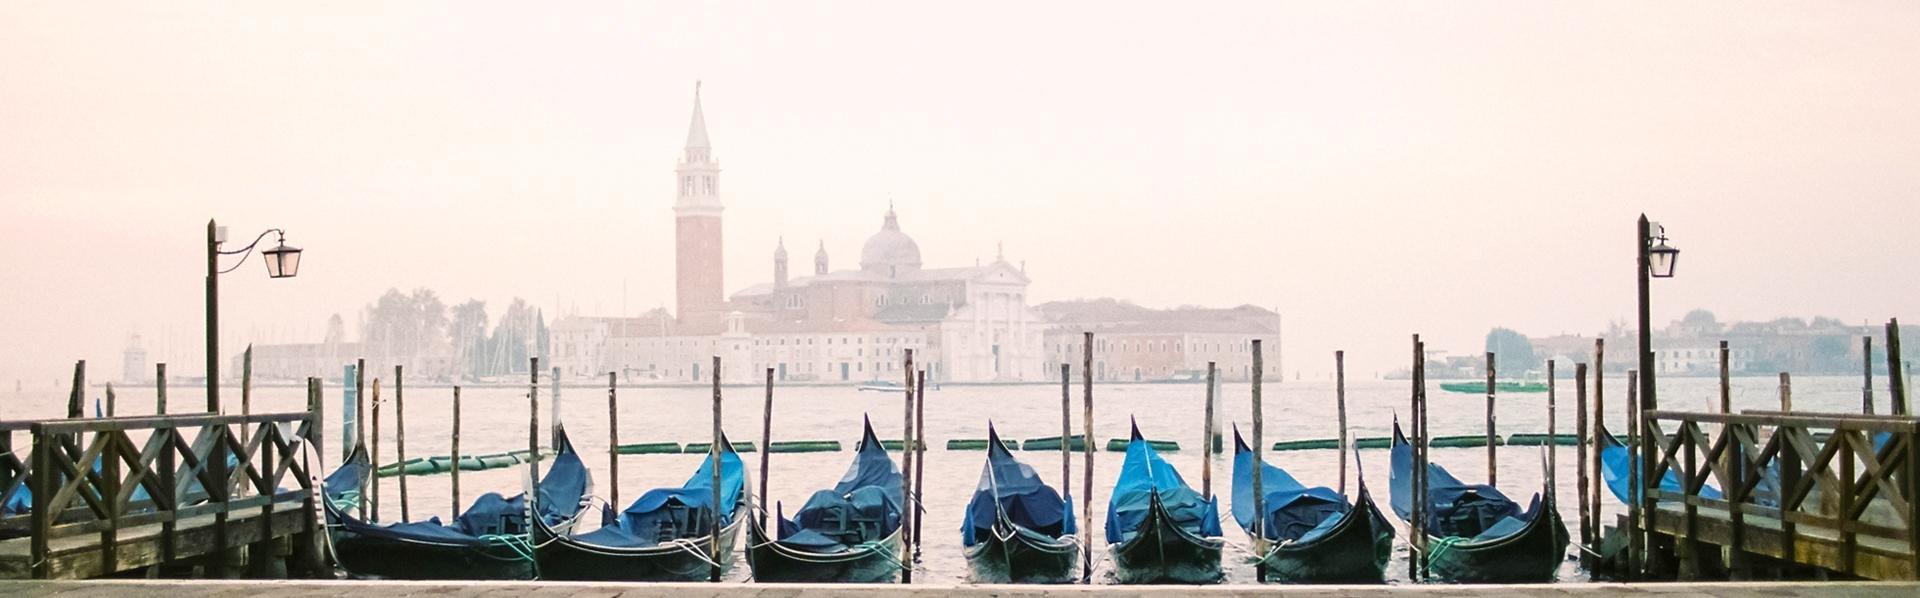 Winter in Venetië, Italië